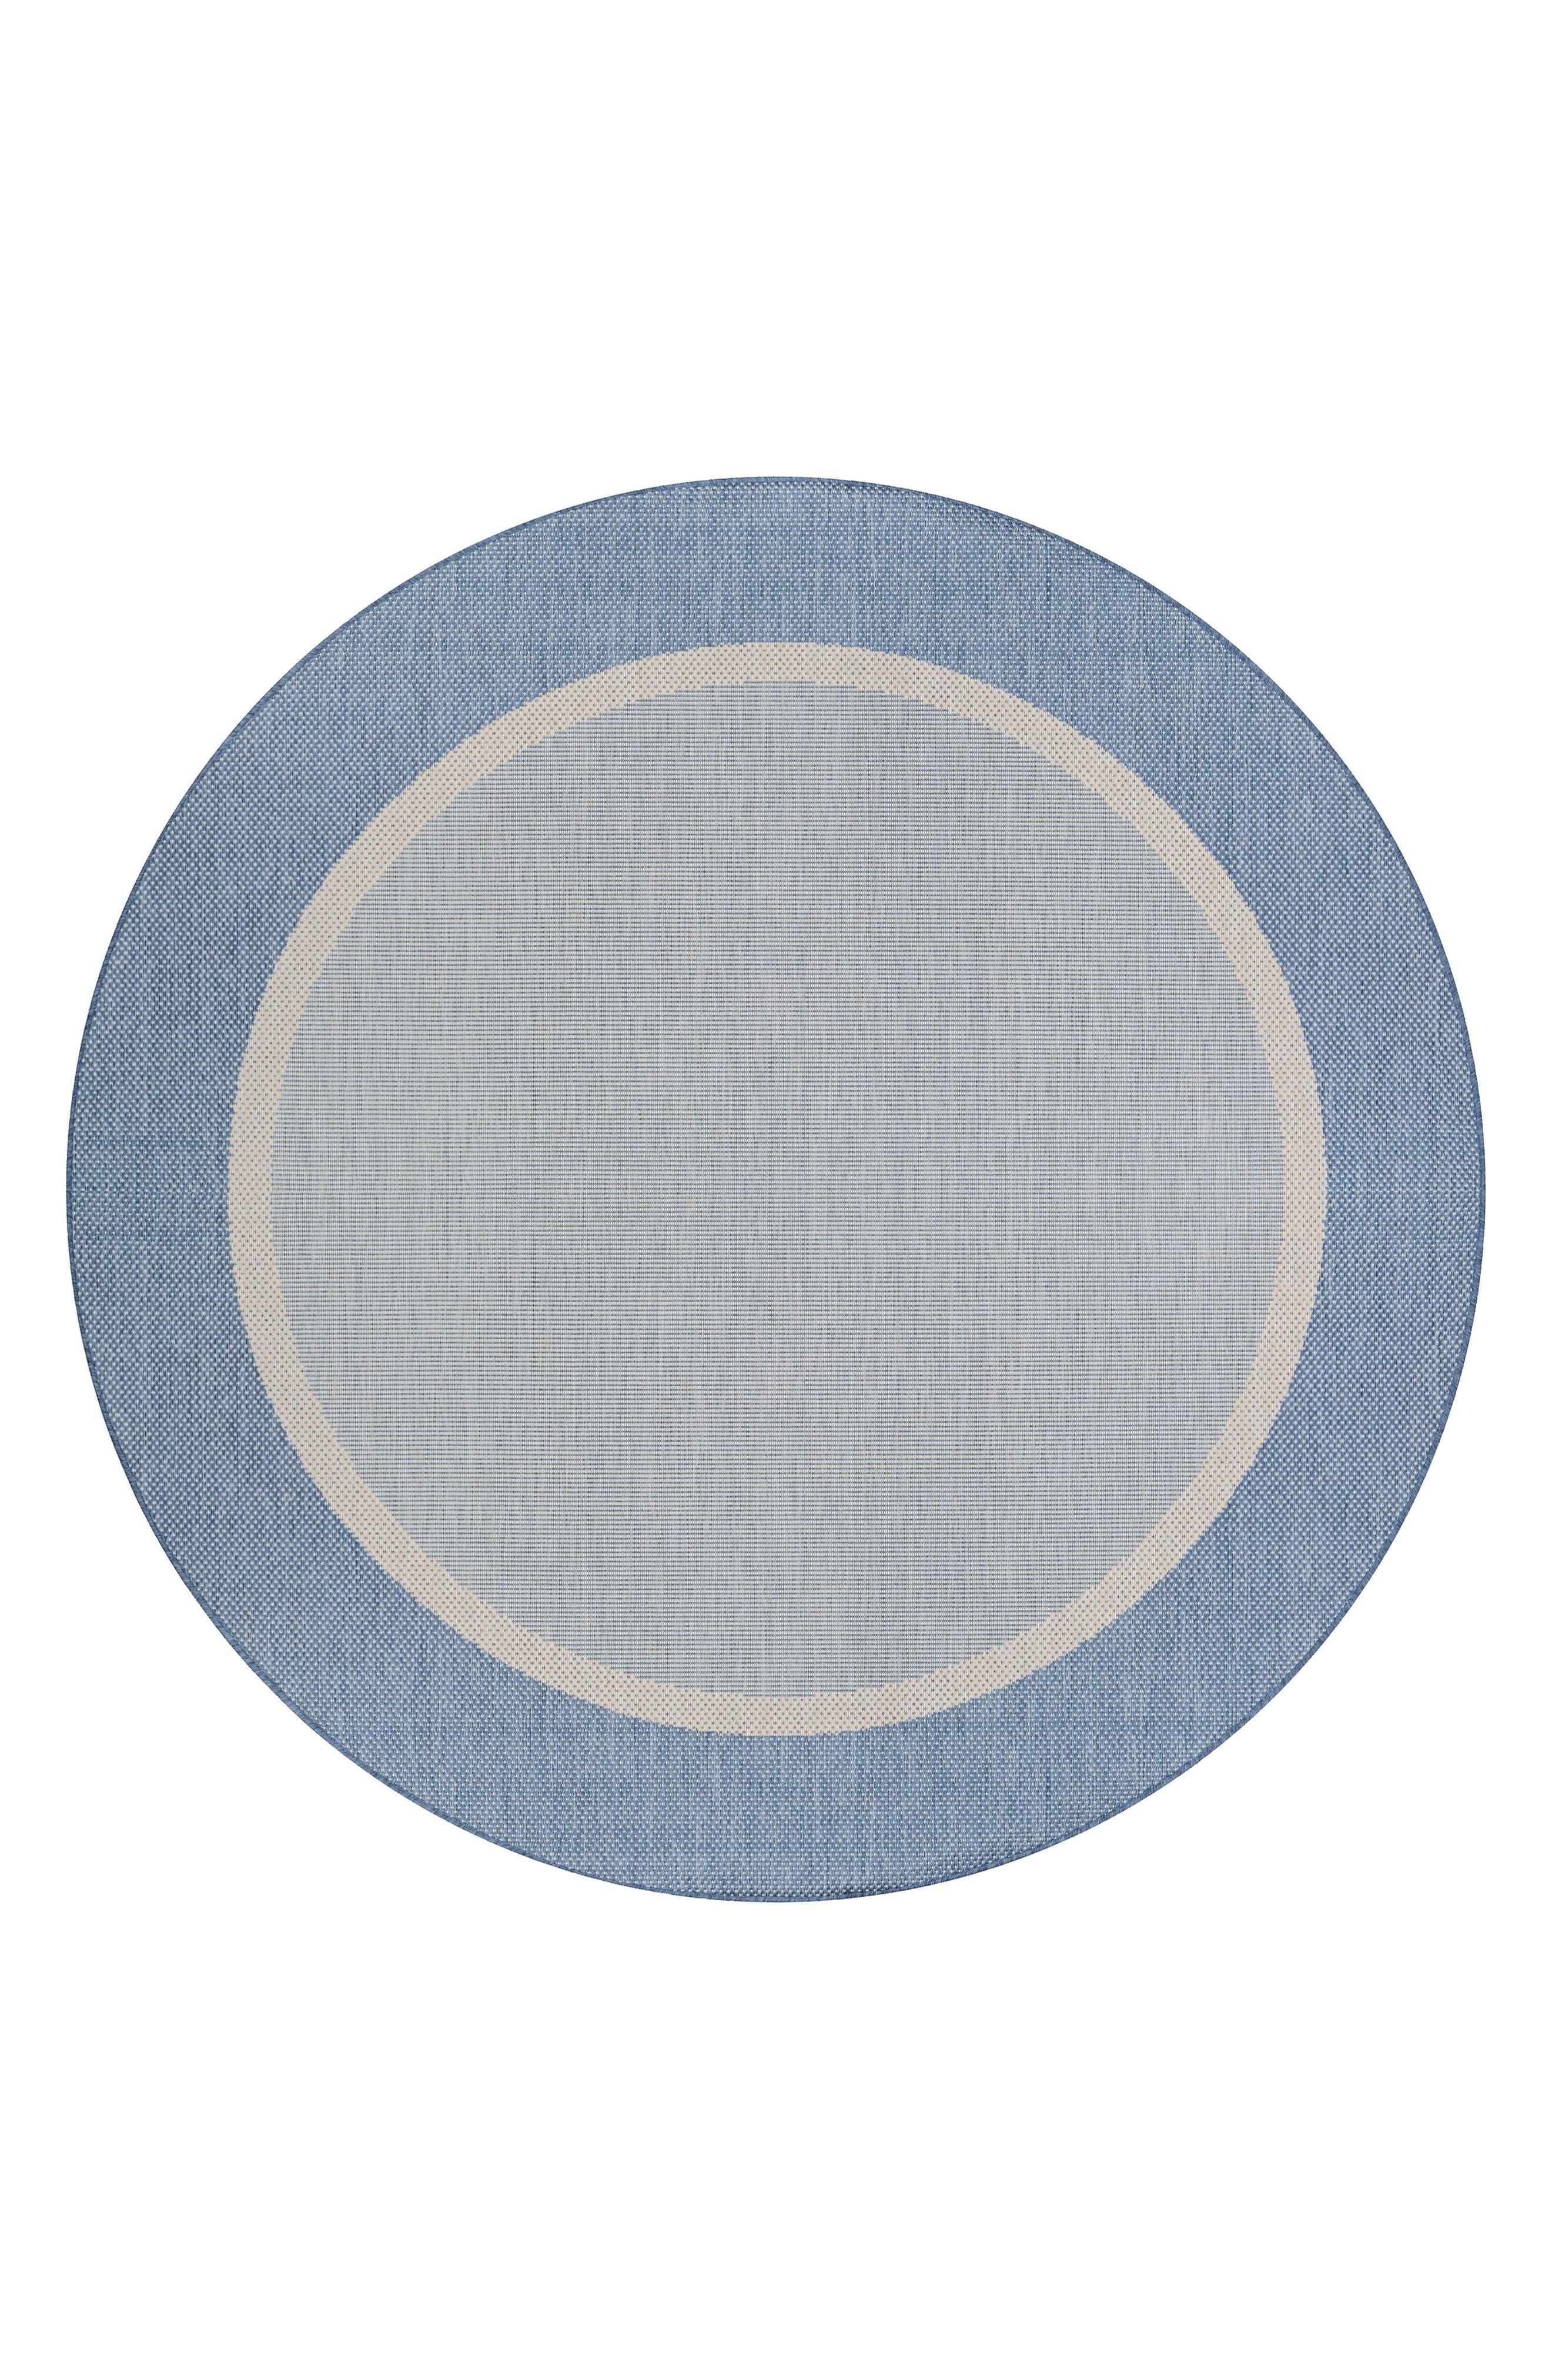 Alternate Image 1 Selected - Couristan Stria Texture Indoor/Outdoor Rug